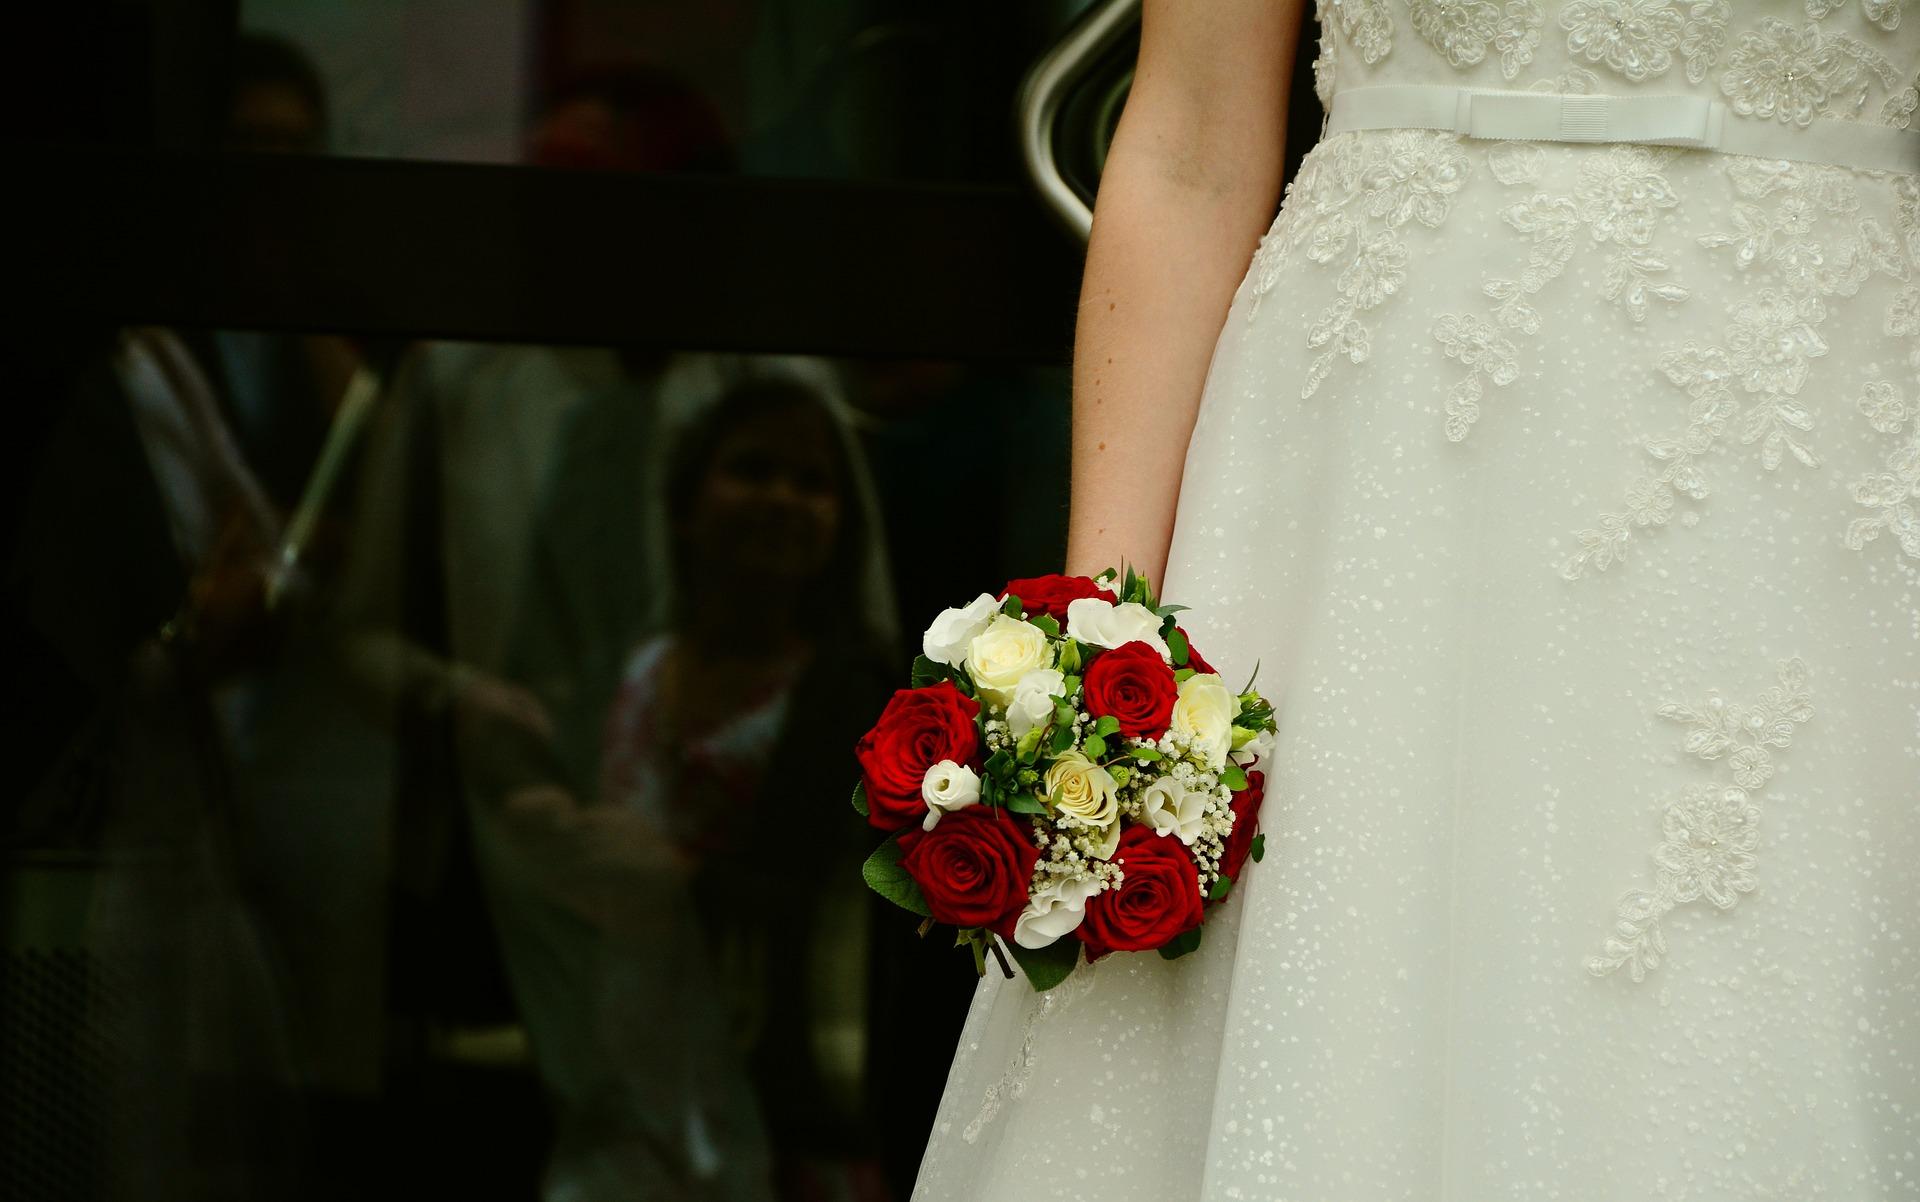 Nozze tragiche: sposa muore colpita da infarto